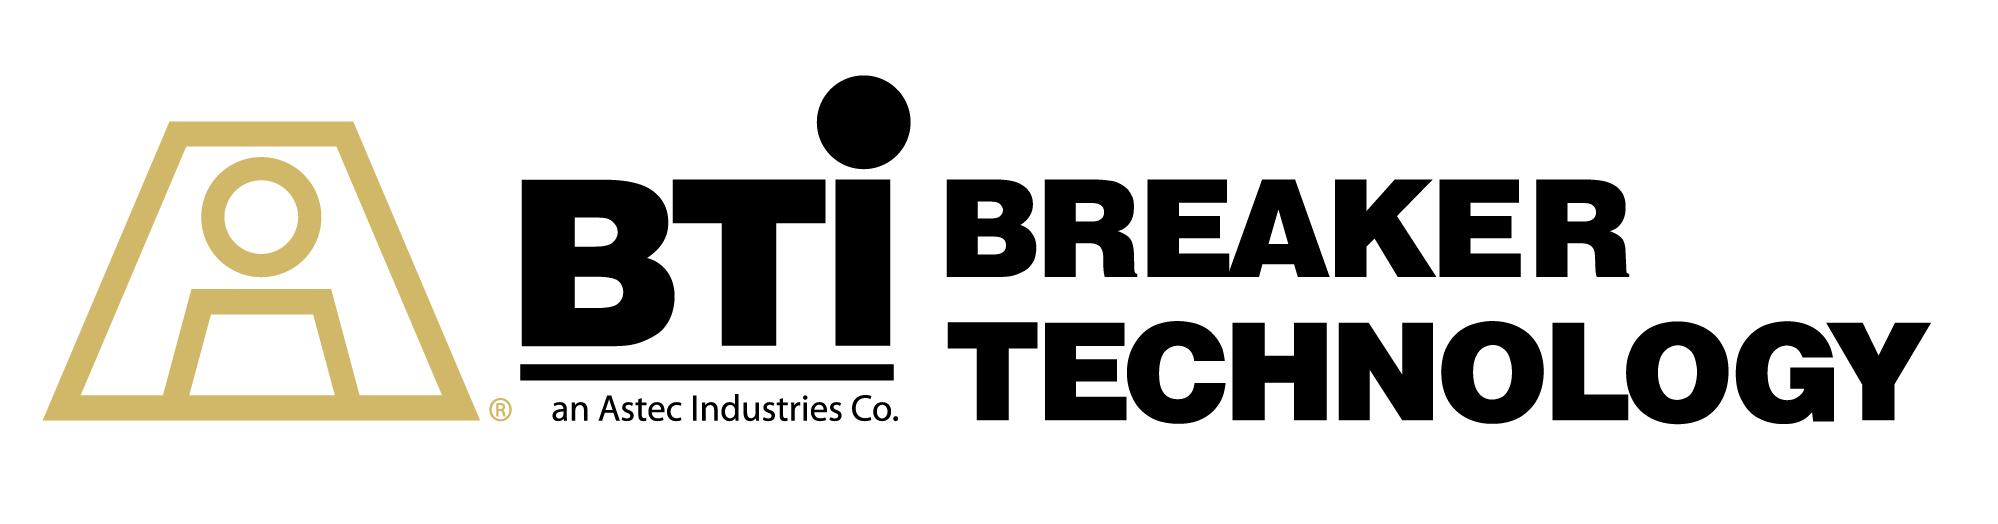 BTi_logo-Horizontal_2014-01.jpg